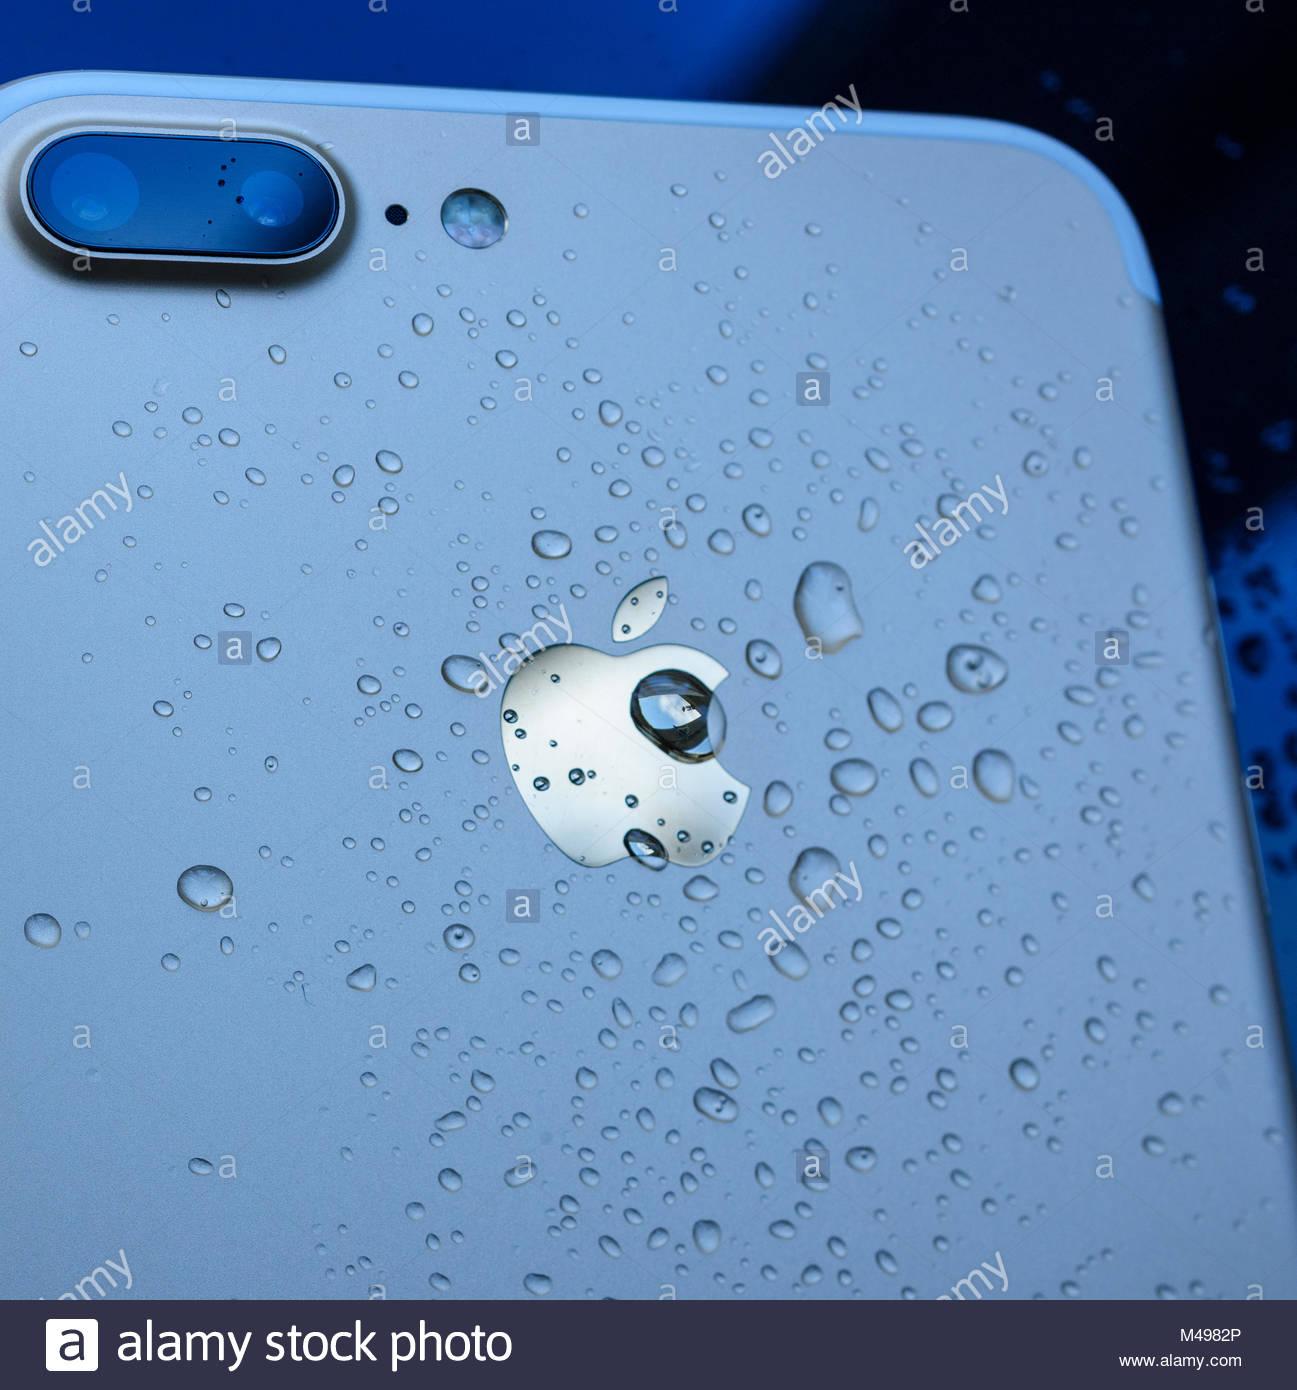 Iphone 7 Plus Immagini Iphone 7 Plus Fotos Stock Alamy